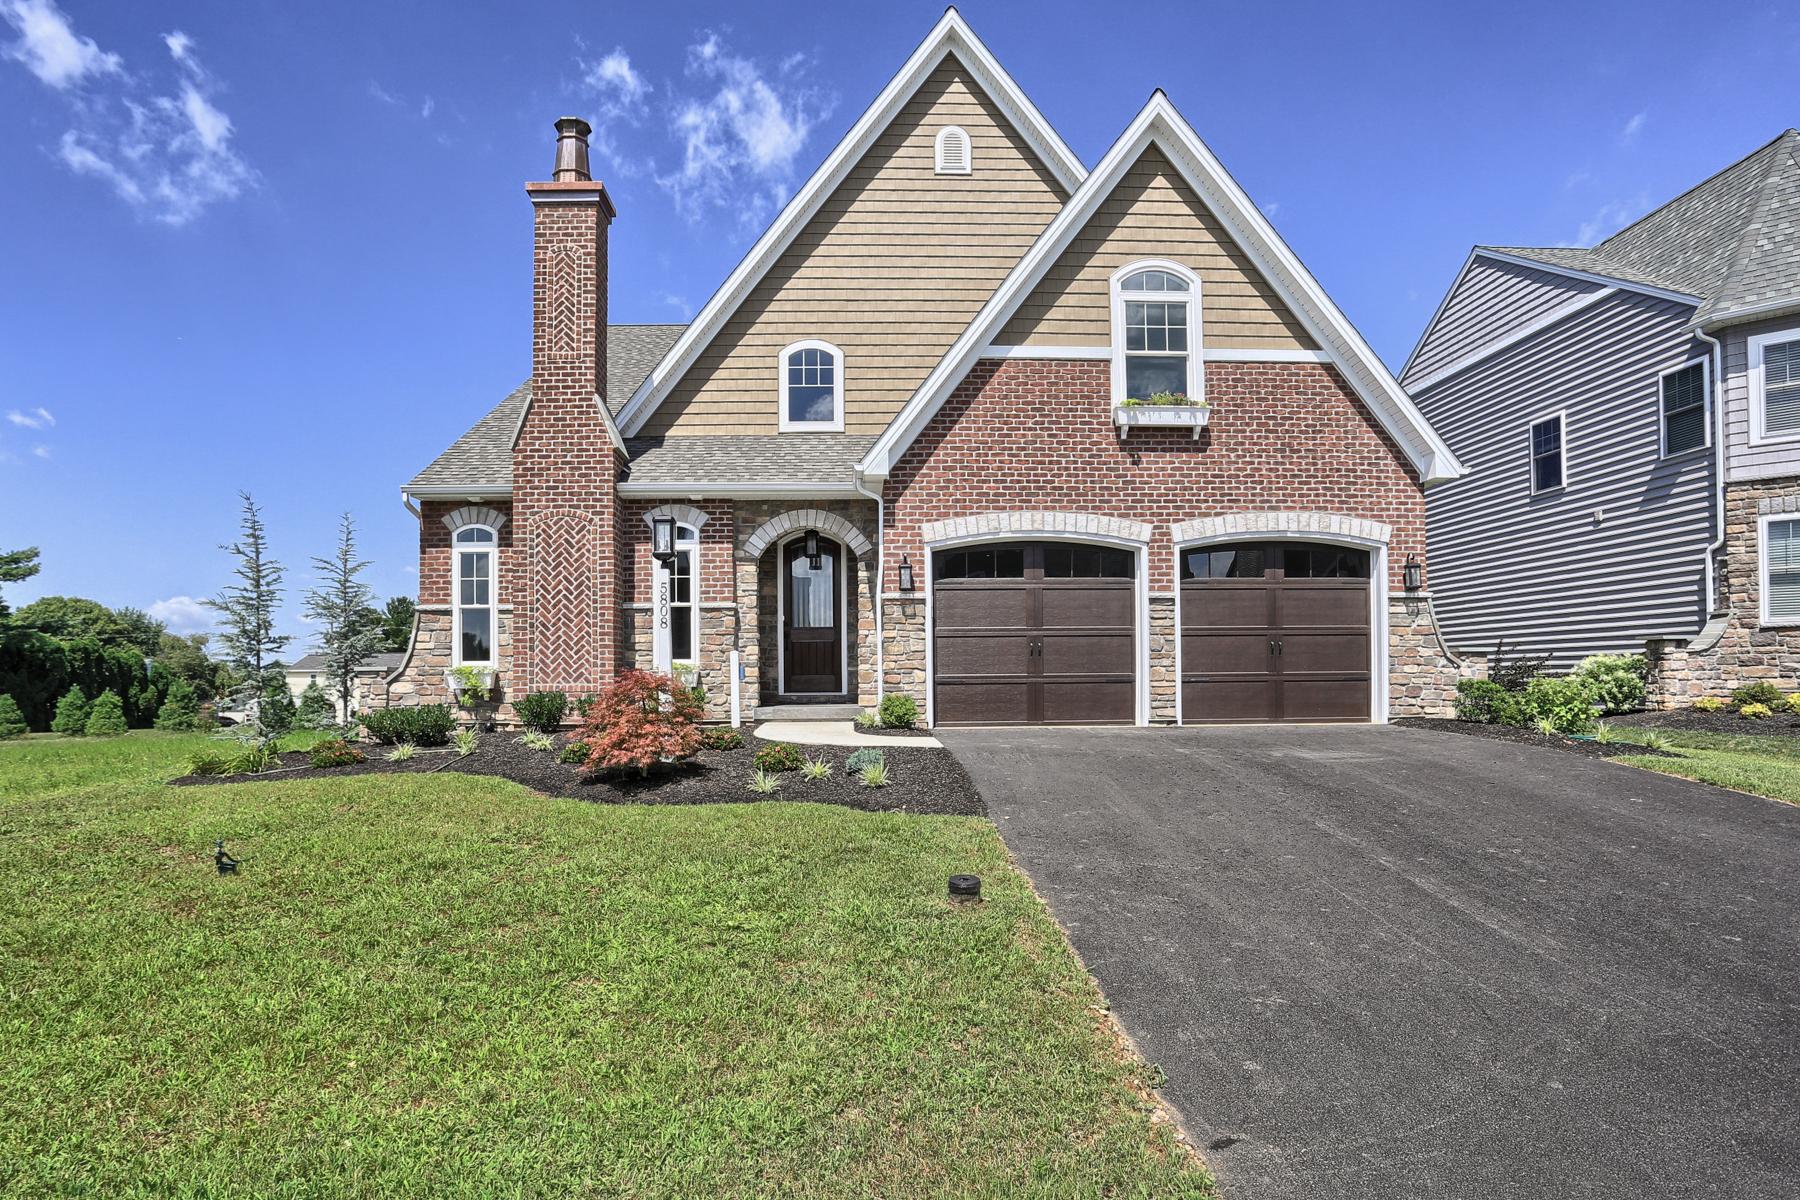 Casa Unifamiliar por un Venta en 5808 Wild Lilac Drive East Petersburg, Pennsylvania 17520 Estados Unidos